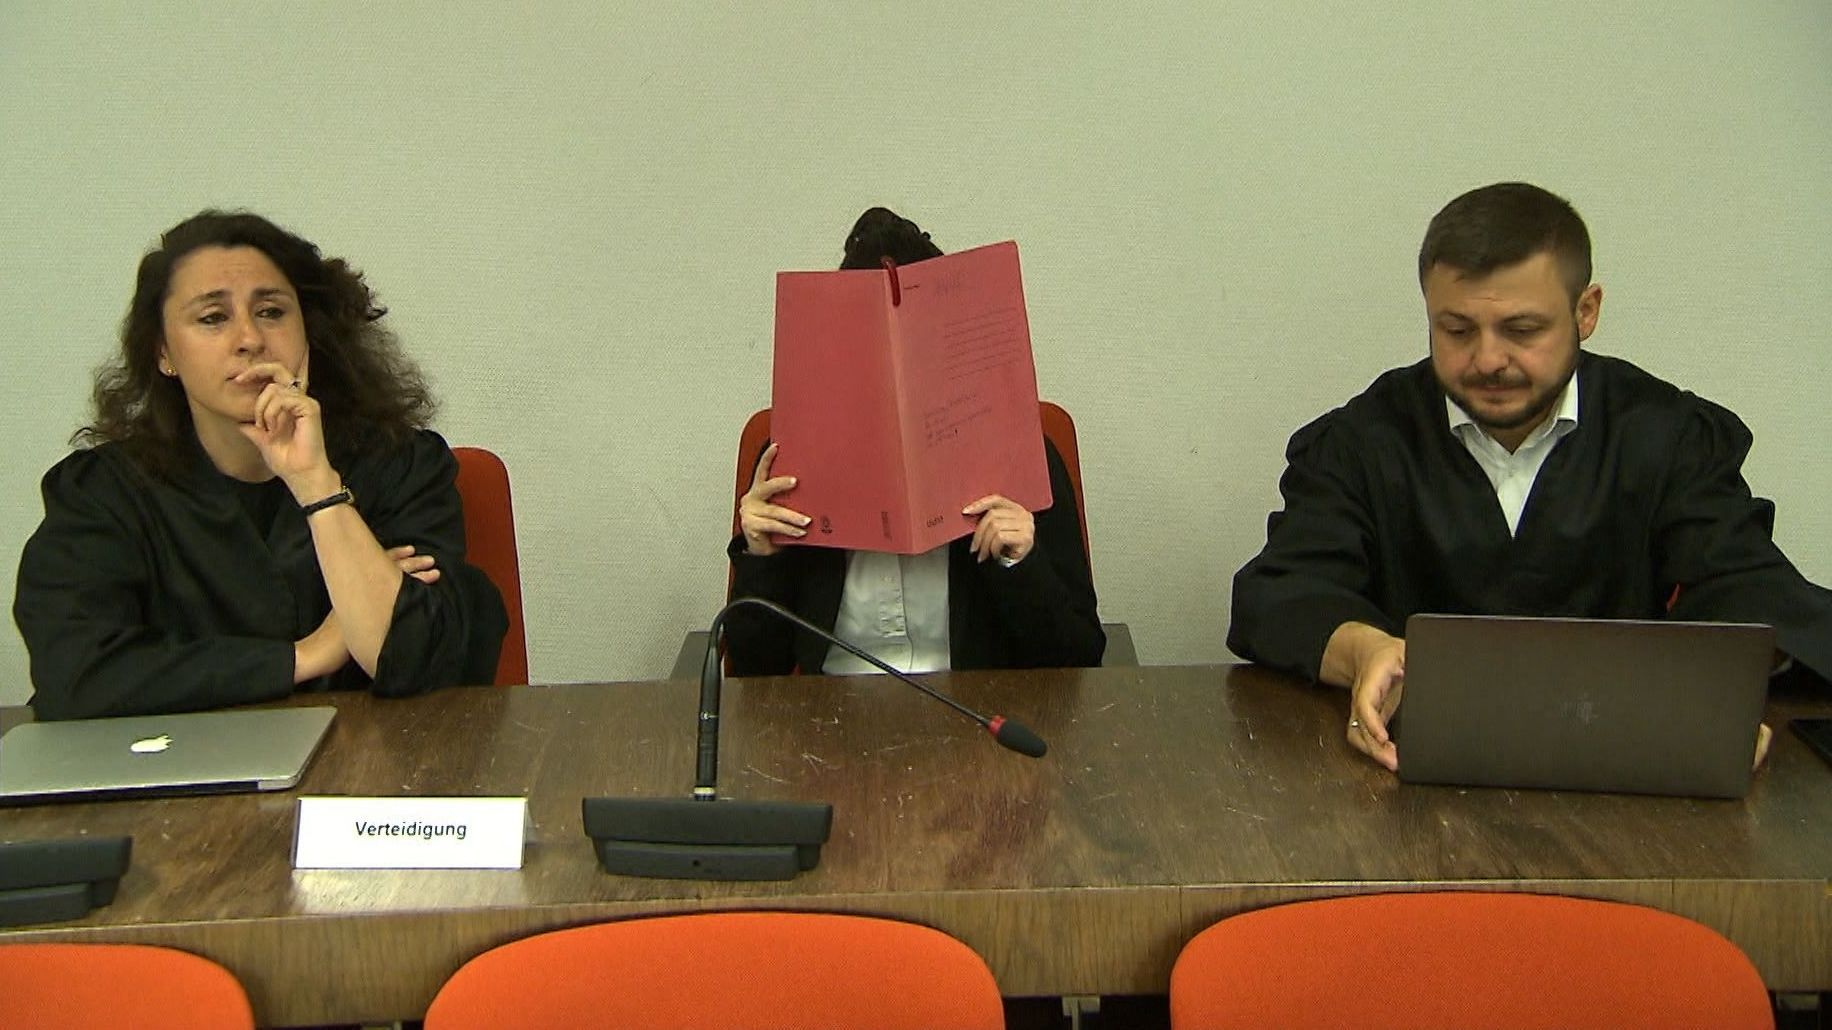 Die Angeklagte Jennifer W. hält sich einen roten Ordner vors Gesicht, rechts und links neben ihr sitzen ihre Verteidiger.